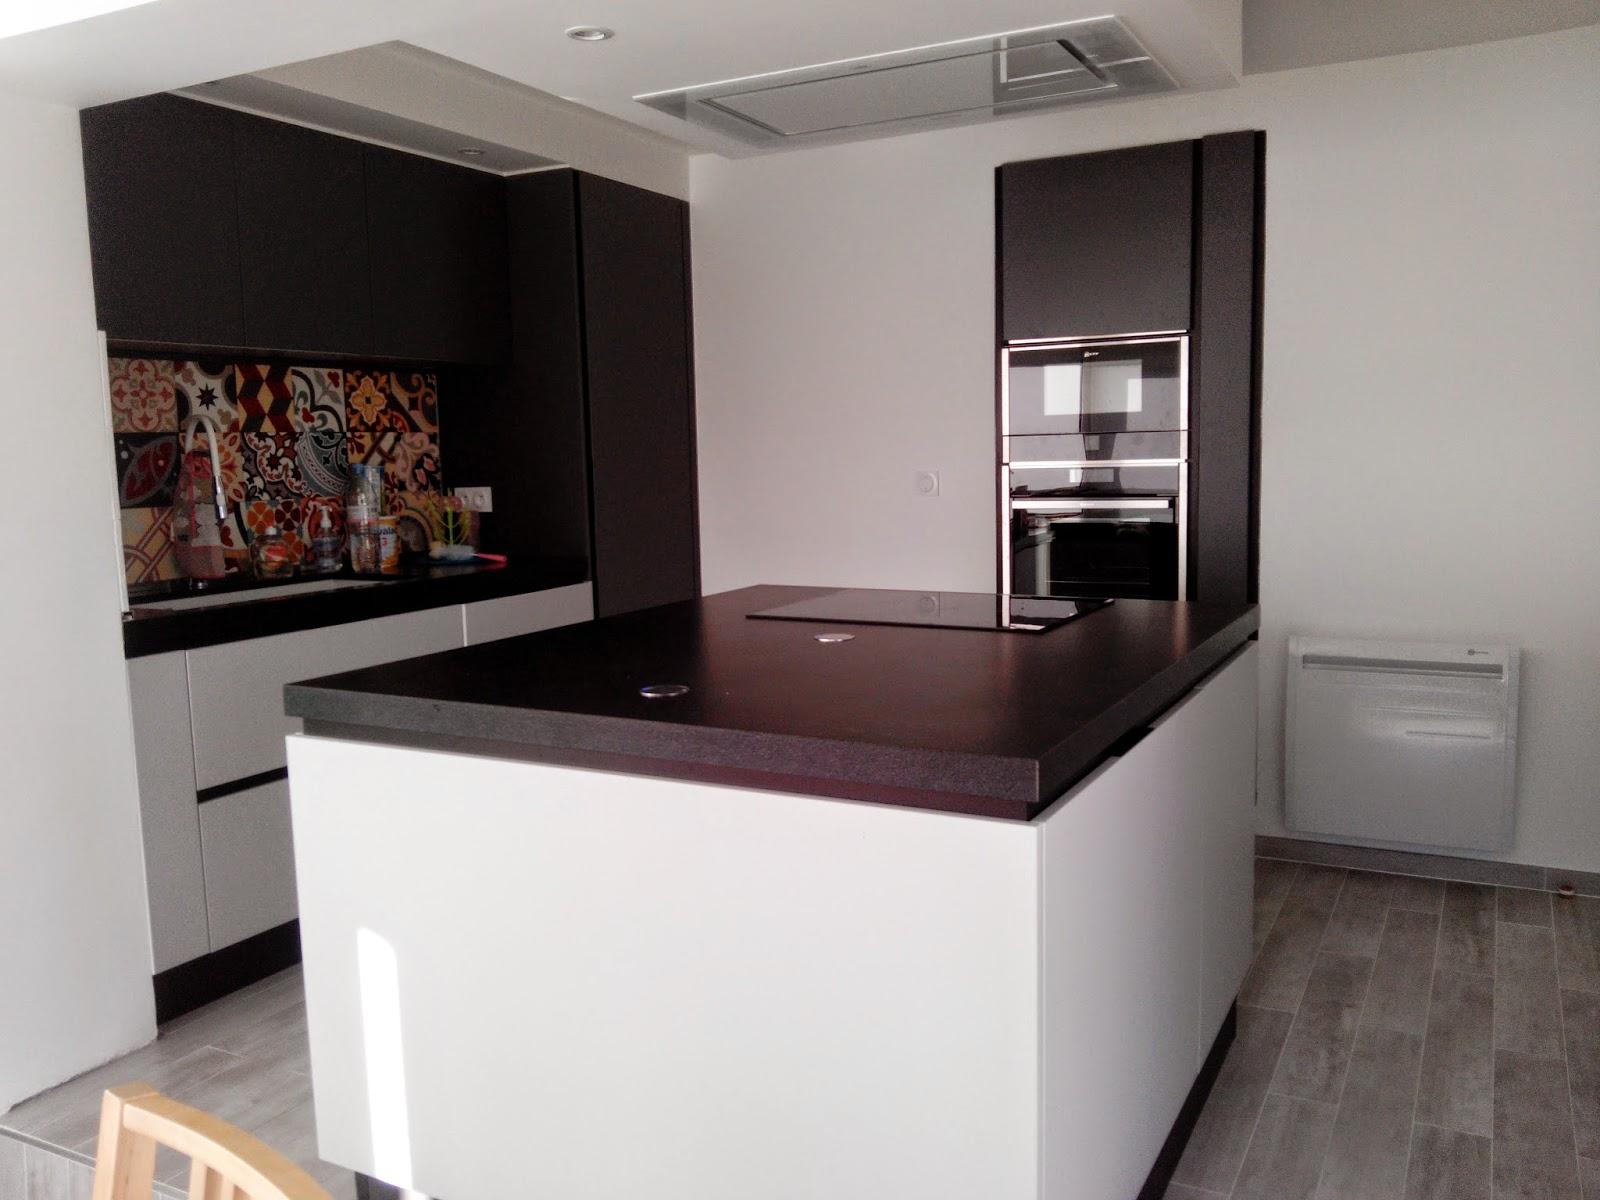 epaisseur plan de travail cuisine dcline avec un plan de travail silestone en 20 mm rhauss par. Black Bedroom Furniture Sets. Home Design Ideas